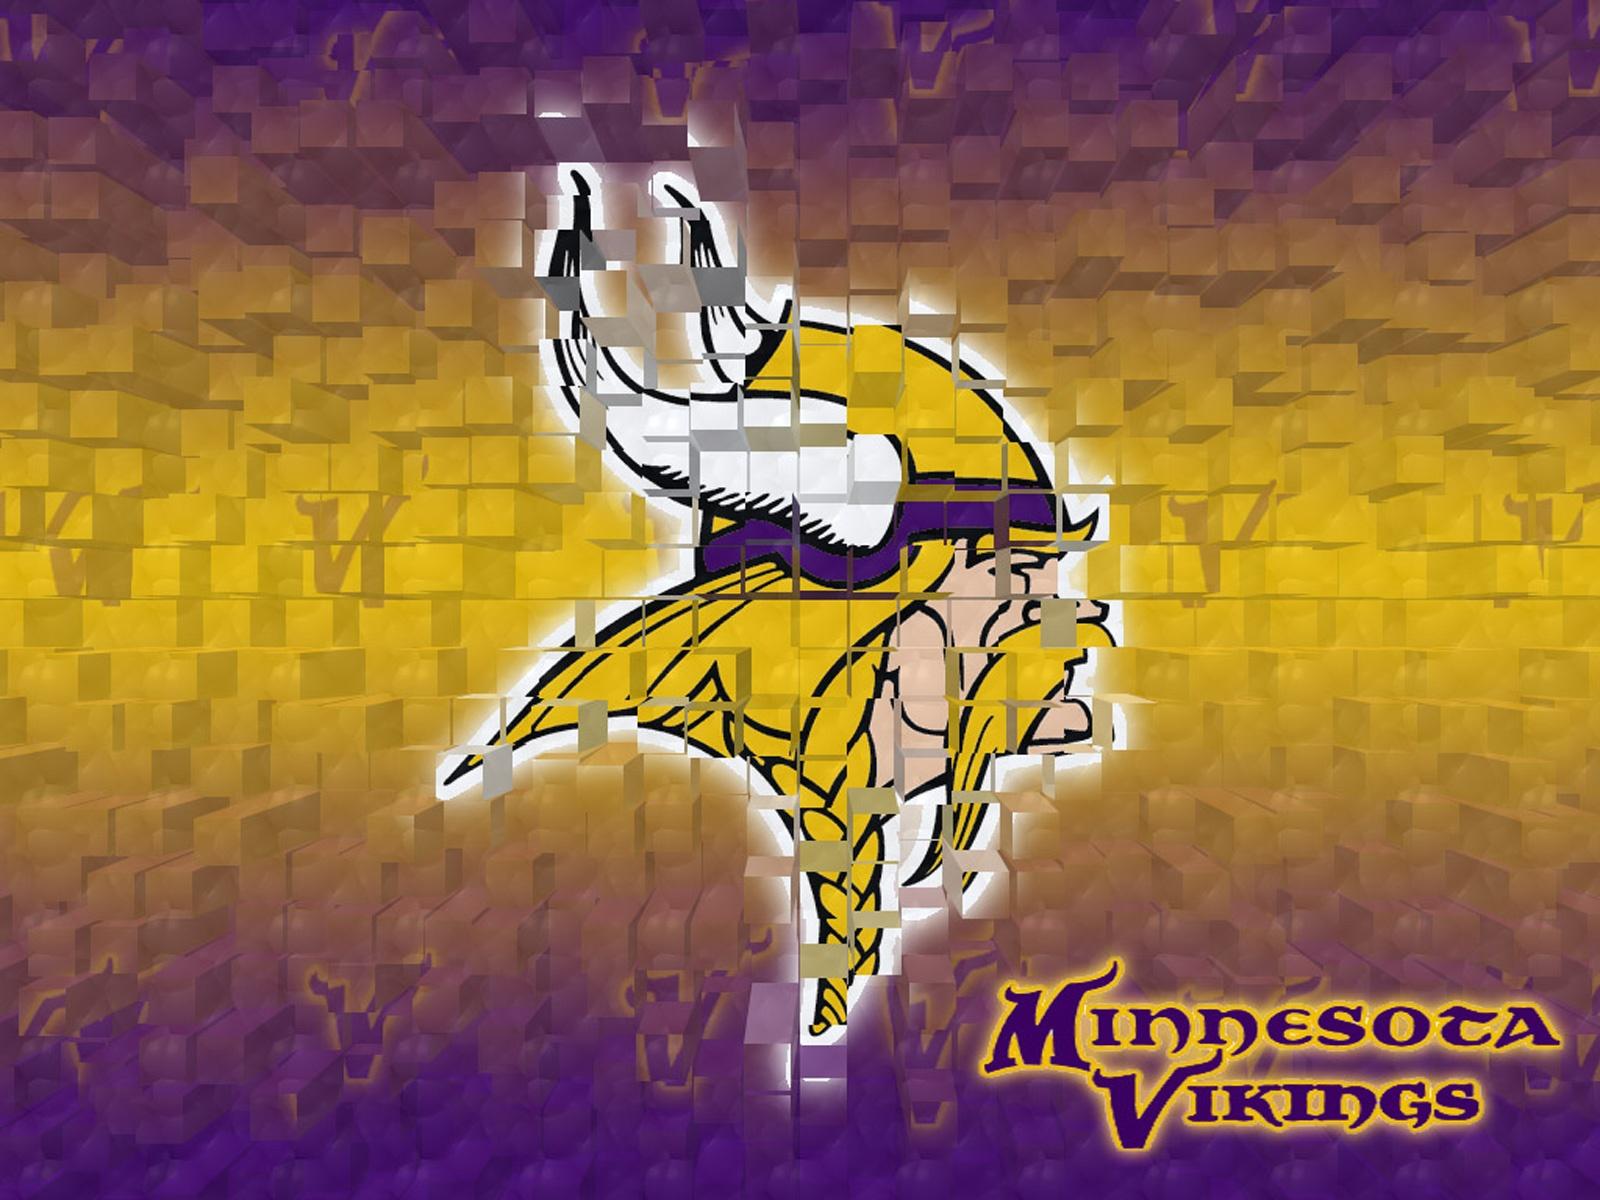 Nfl Football Vikings Vikings Nfl Football